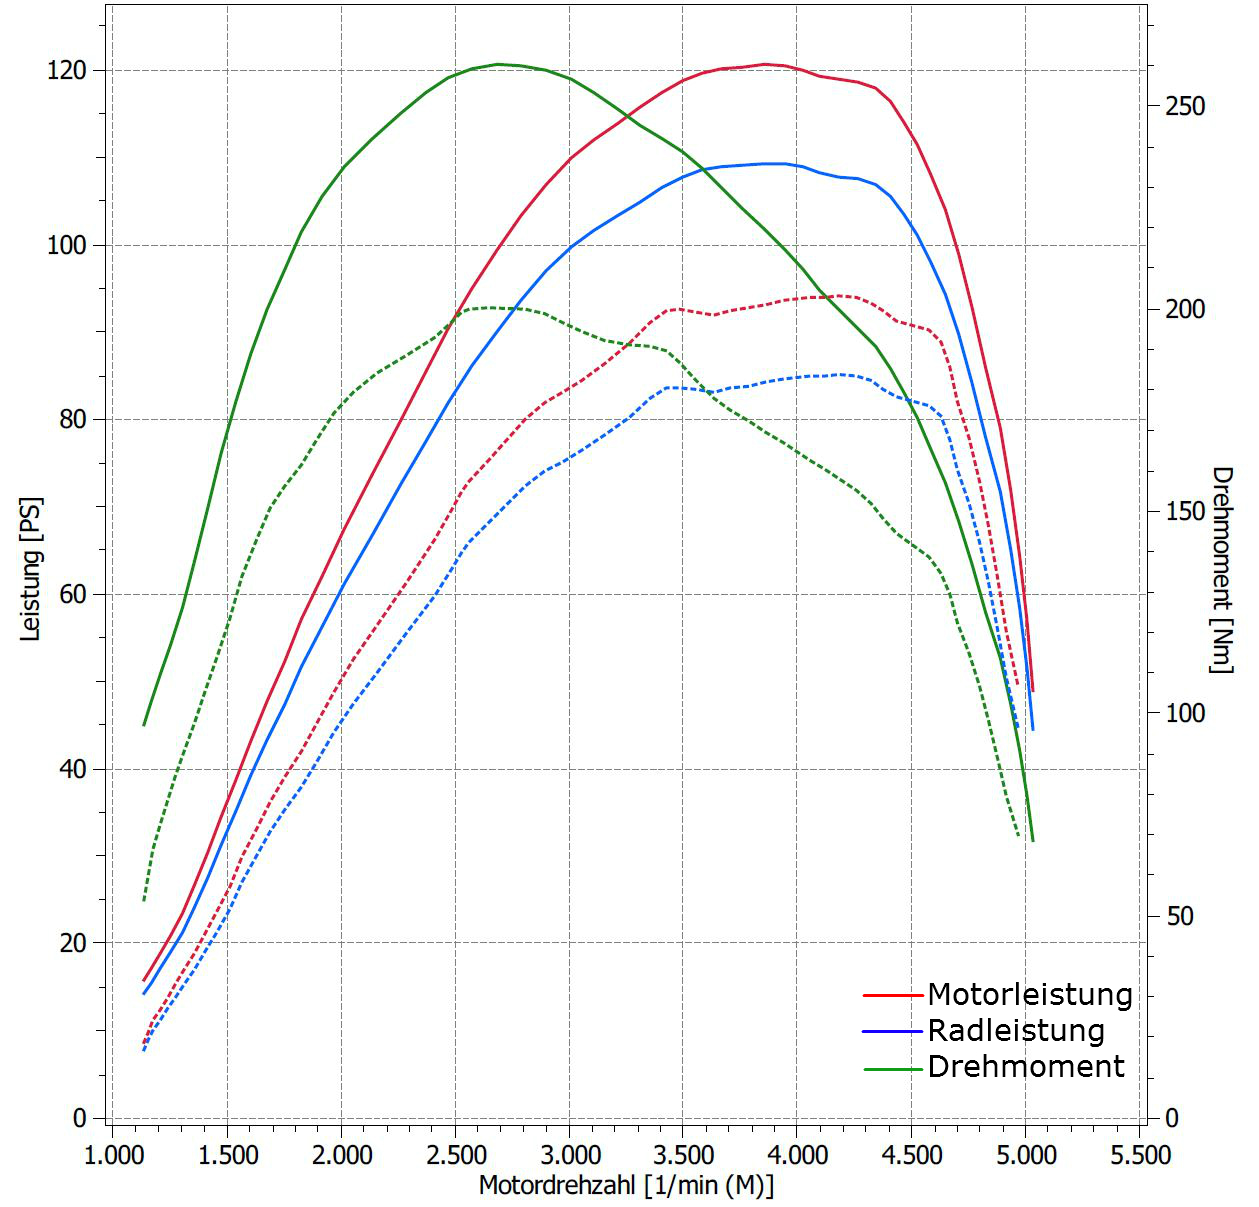 Leistungsmessung vor und nach Softwareupdate 1,6TDI